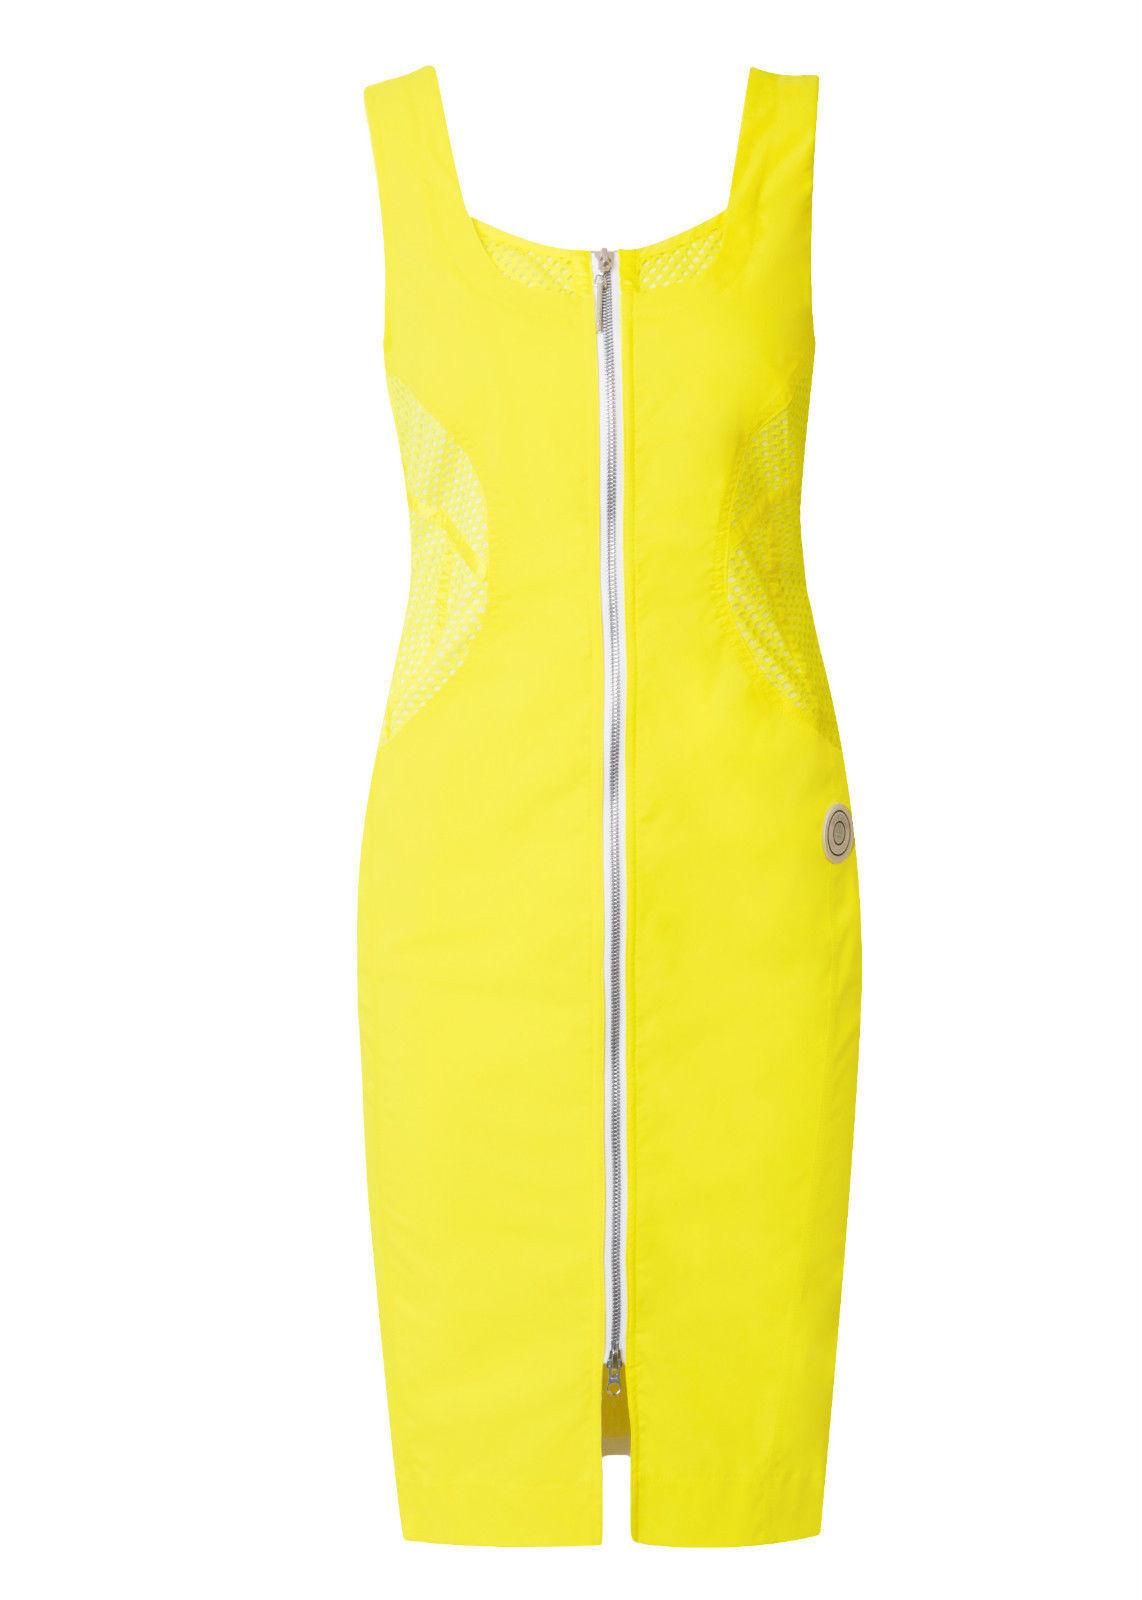 Sportalm Kitzbühel Stretch Kleid Model Dry Wit yellow Gr 36-38 NEU